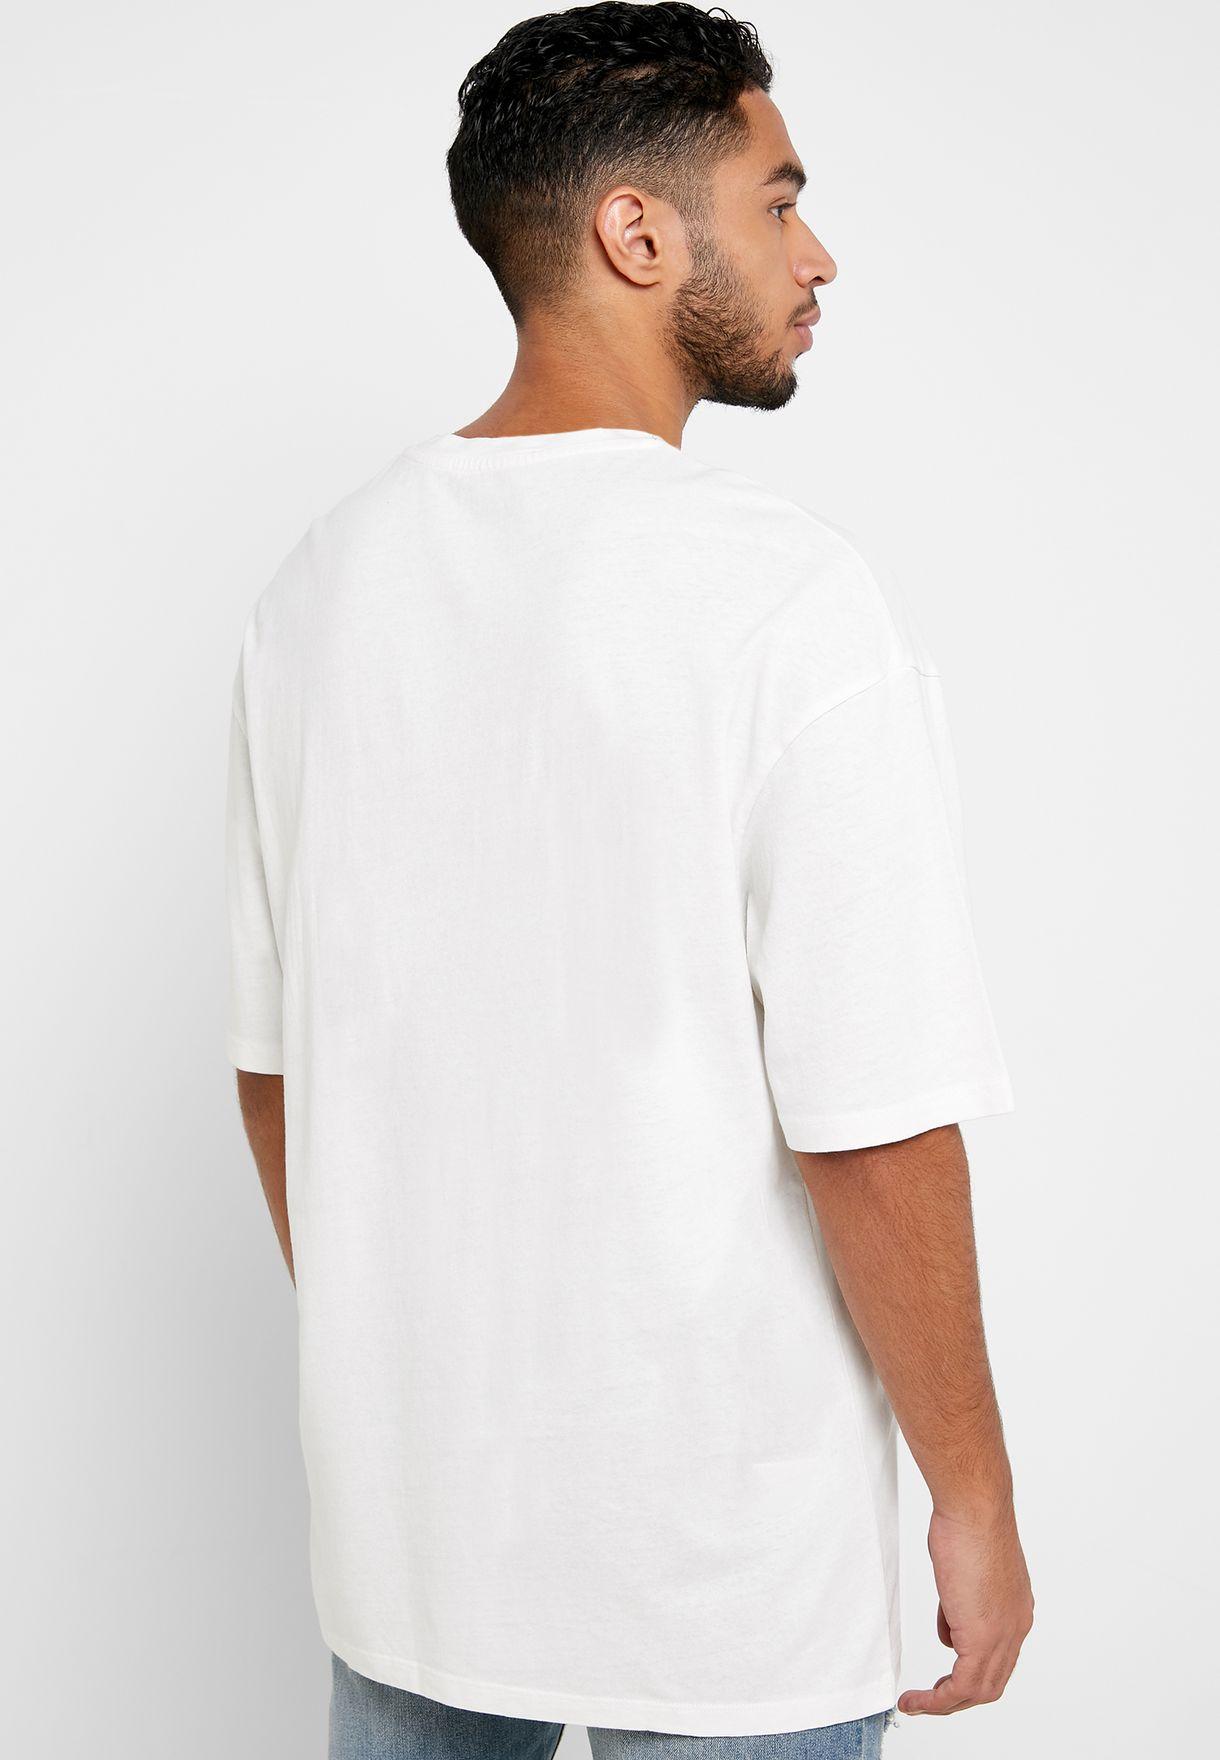 Awake Crew Neck T-Shirt